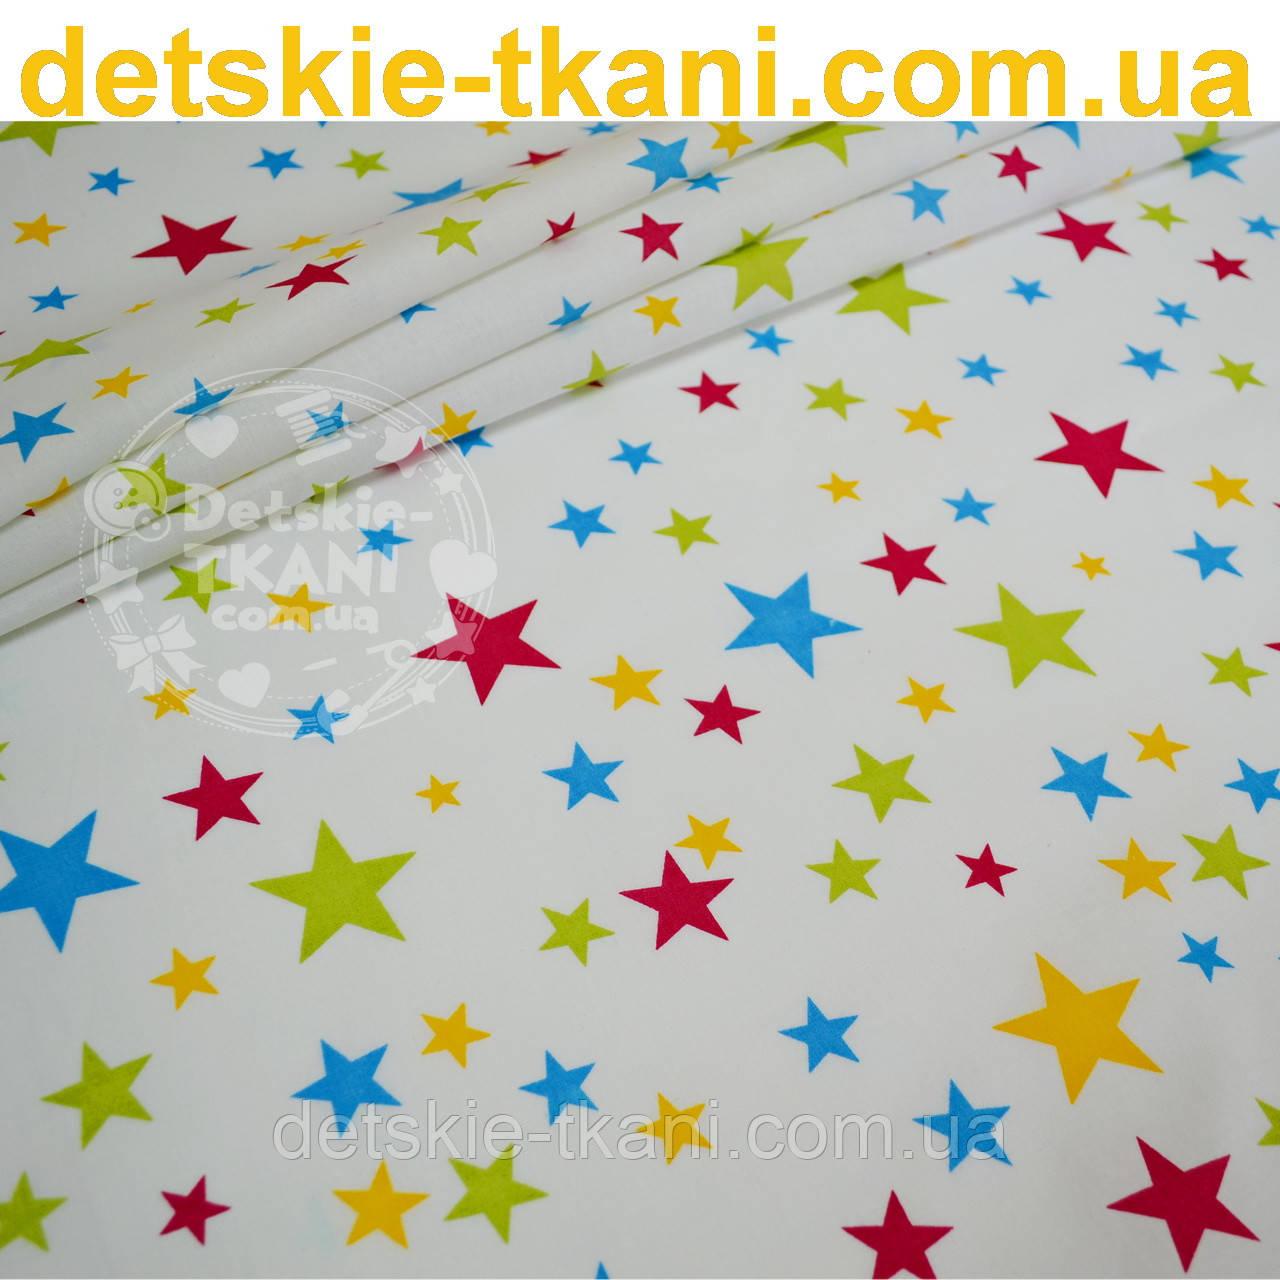 Ткань хлопковая с разноцветными звёздами разной величины (№ 713)